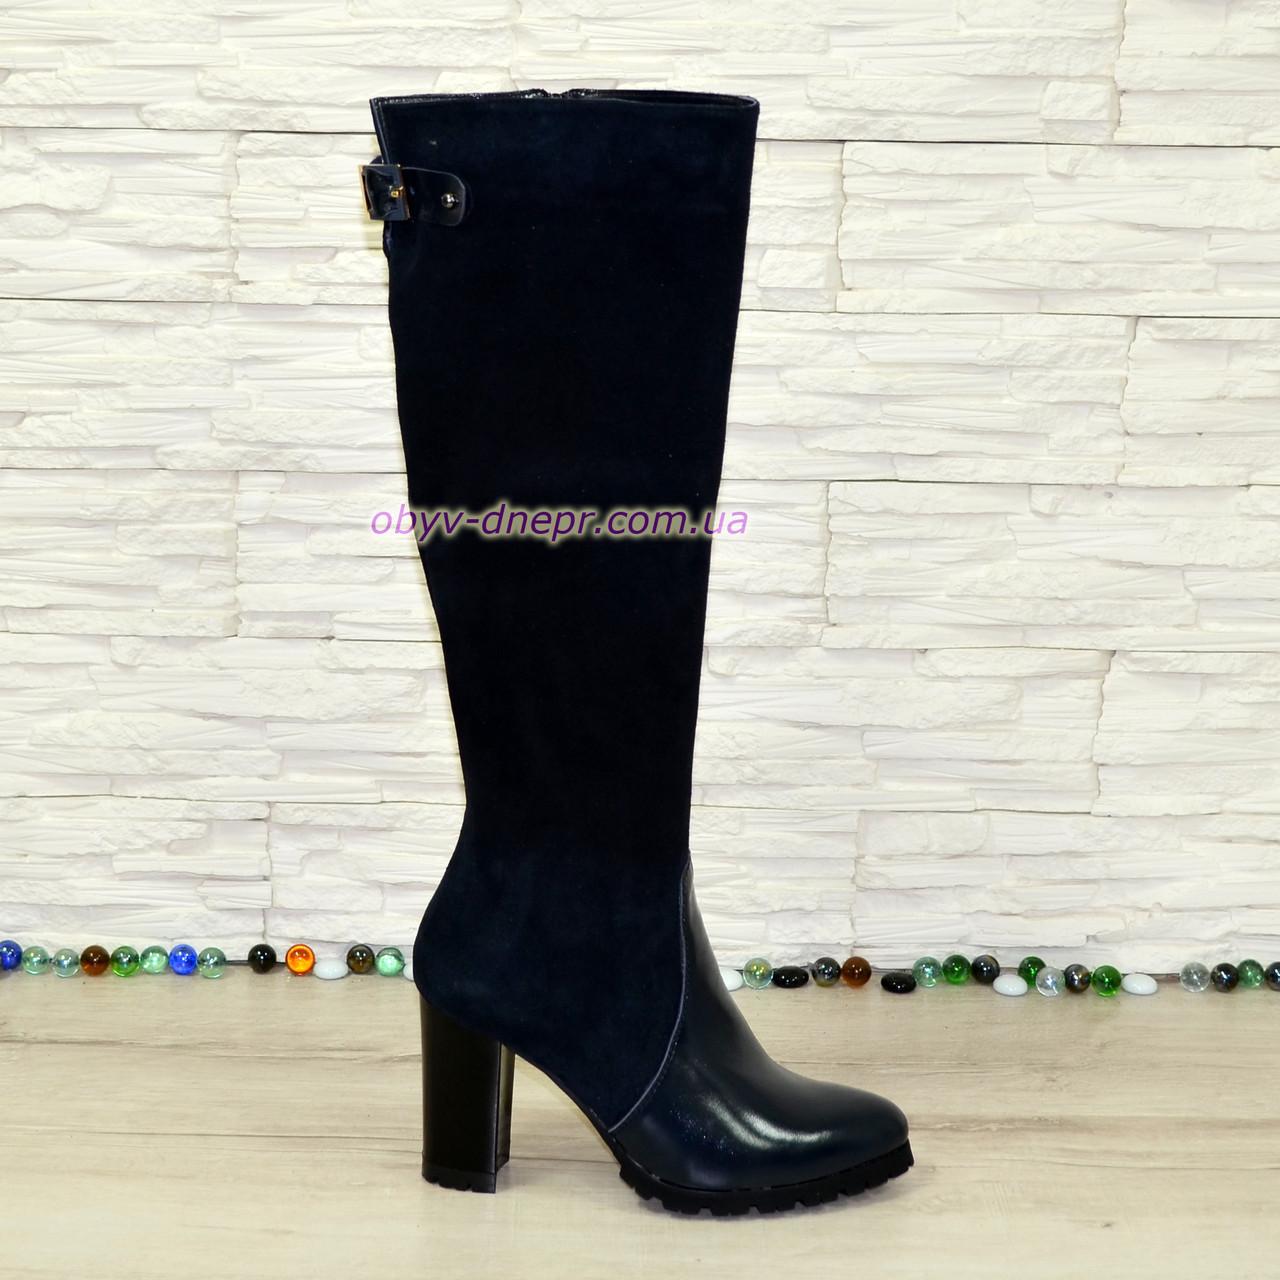 Сапоги женские демисезонные на высоком устойчивом каблуке, натуральная лаковая кожа и замш синего цвета.